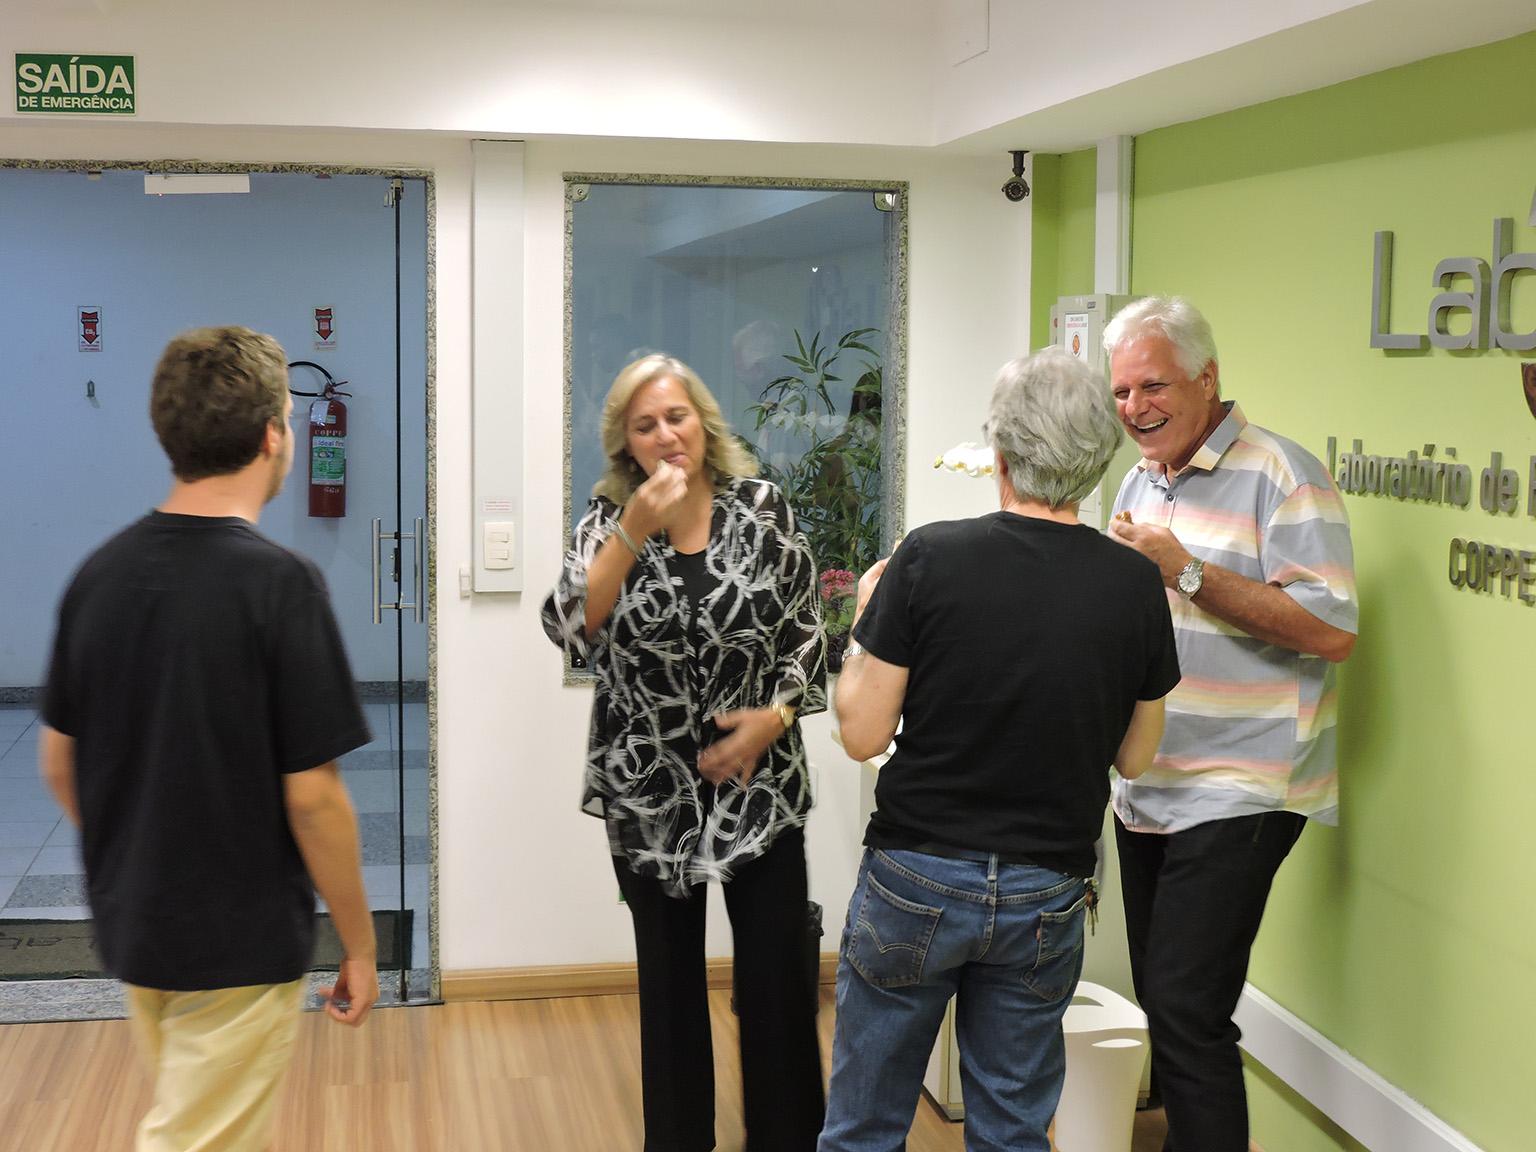 Convidados da festa foram servidos com um coquetel